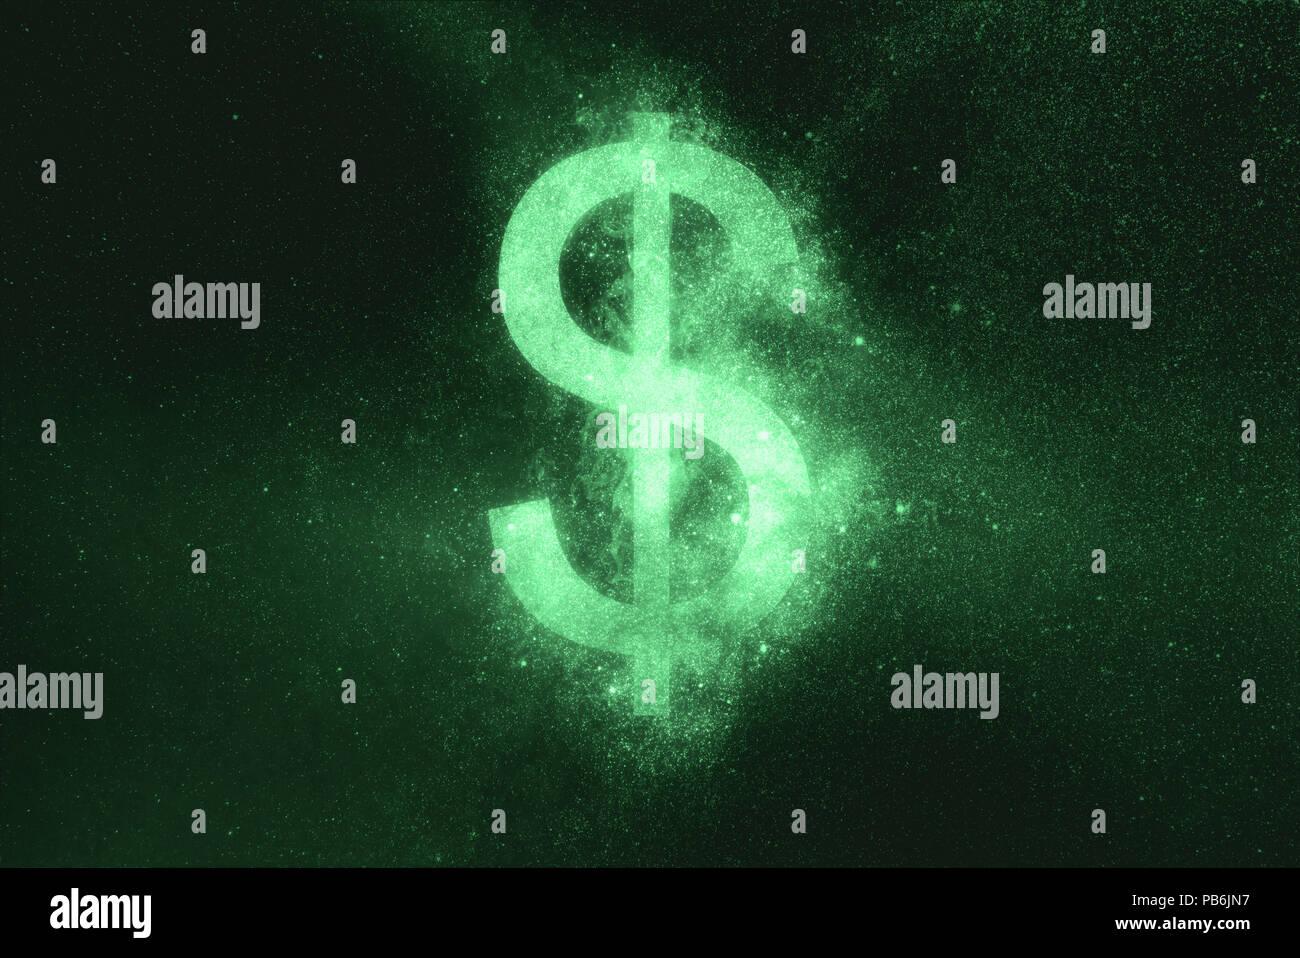 Dollar sign, Dollar Symbol. Green symbol - Stock Image